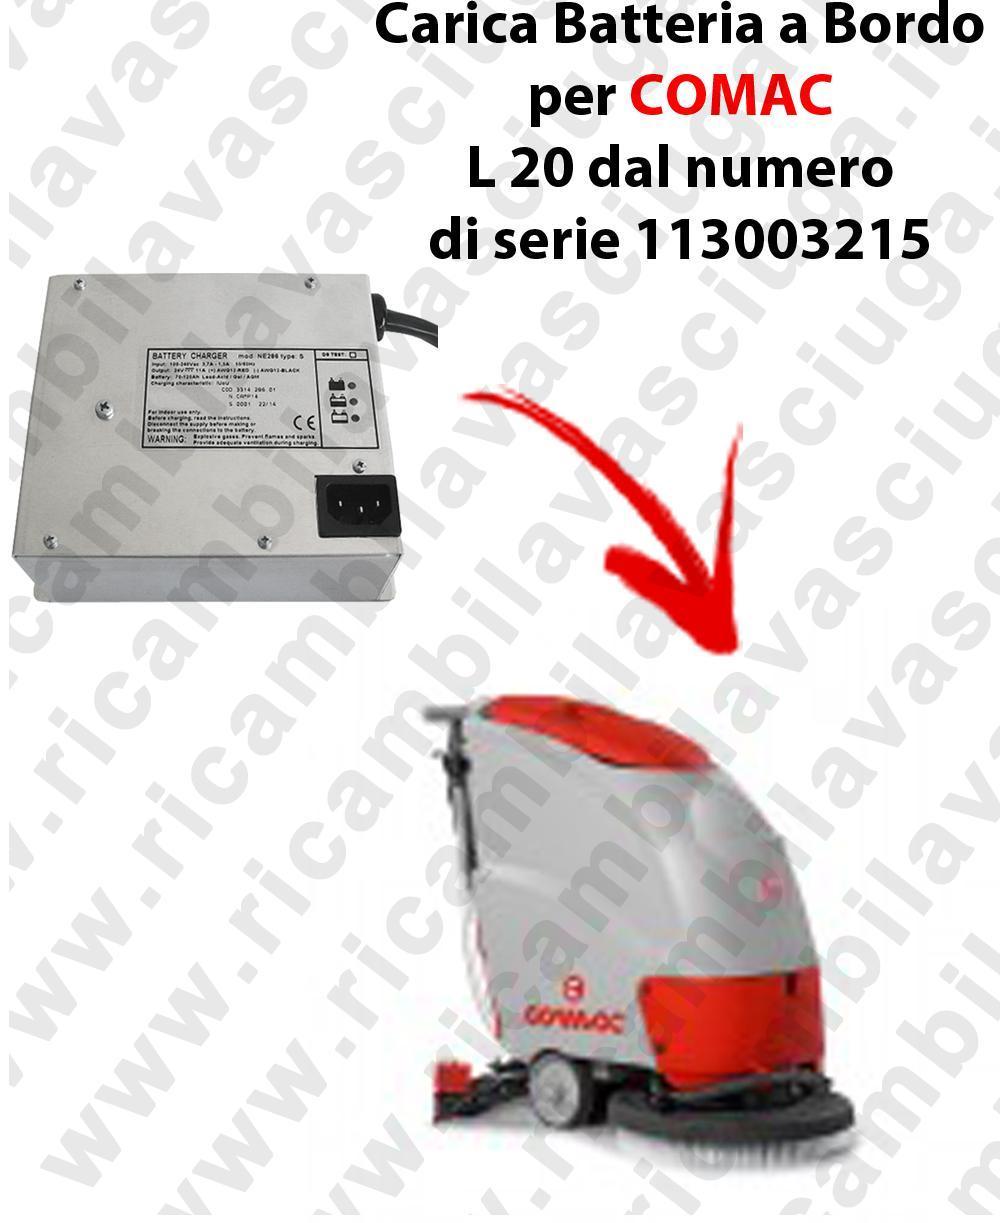 Charger les BATTERIES à bord pour autolaveuses COMAC L 20 à partir du numéro de série 113003215